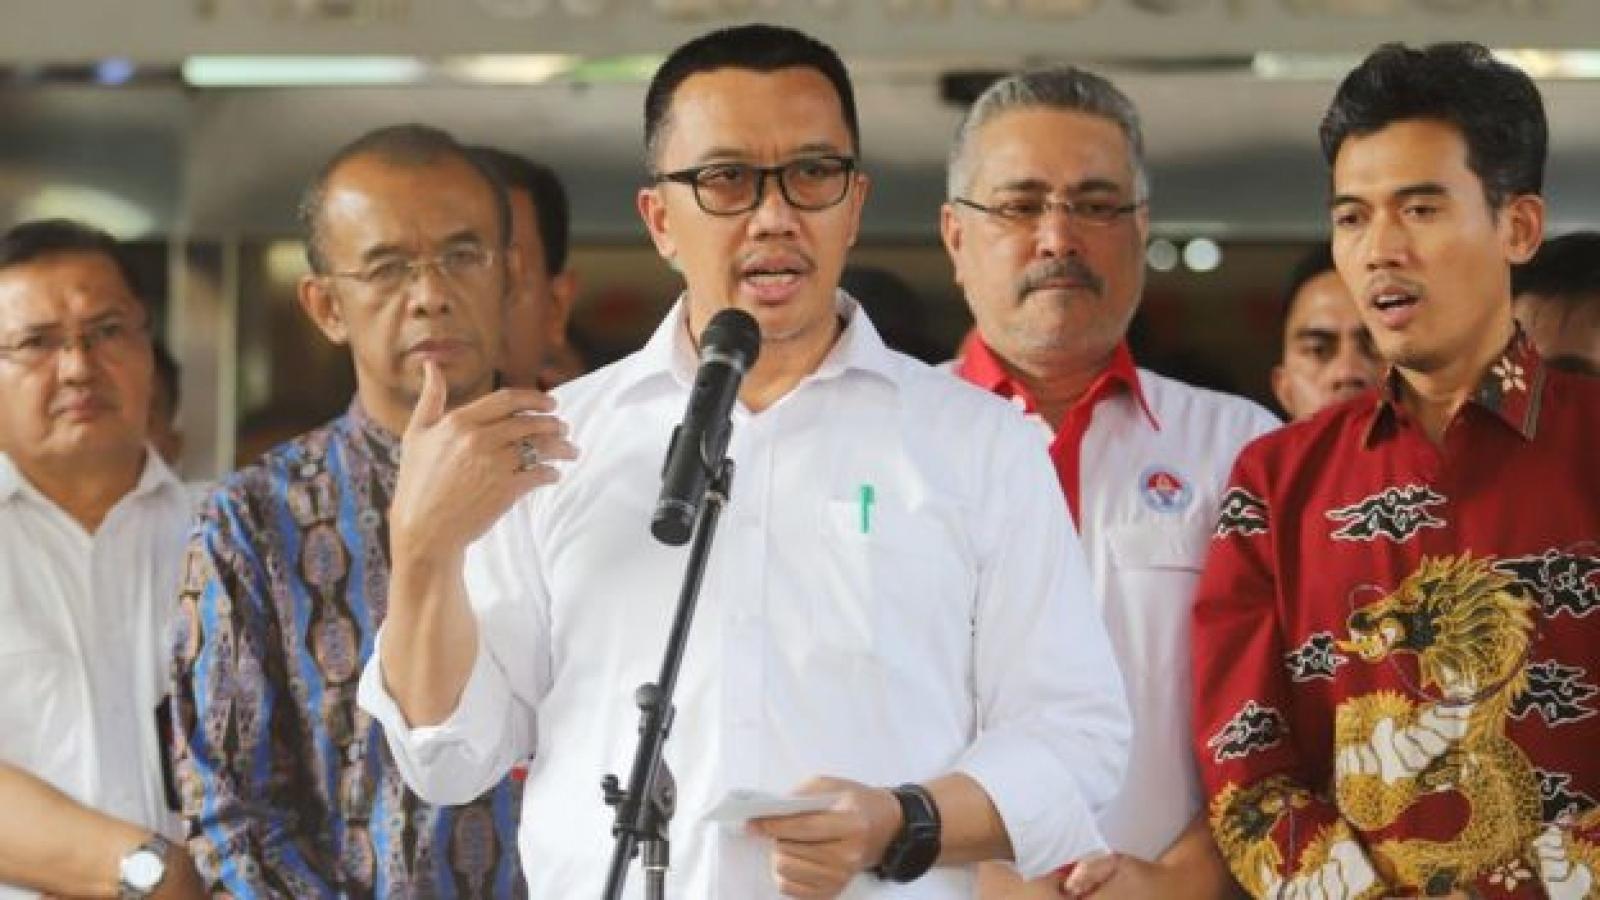 Cựu Bộ trưởng Indonesia nhận án tù 7 năm vì tham nhũng, nhận hối lộ